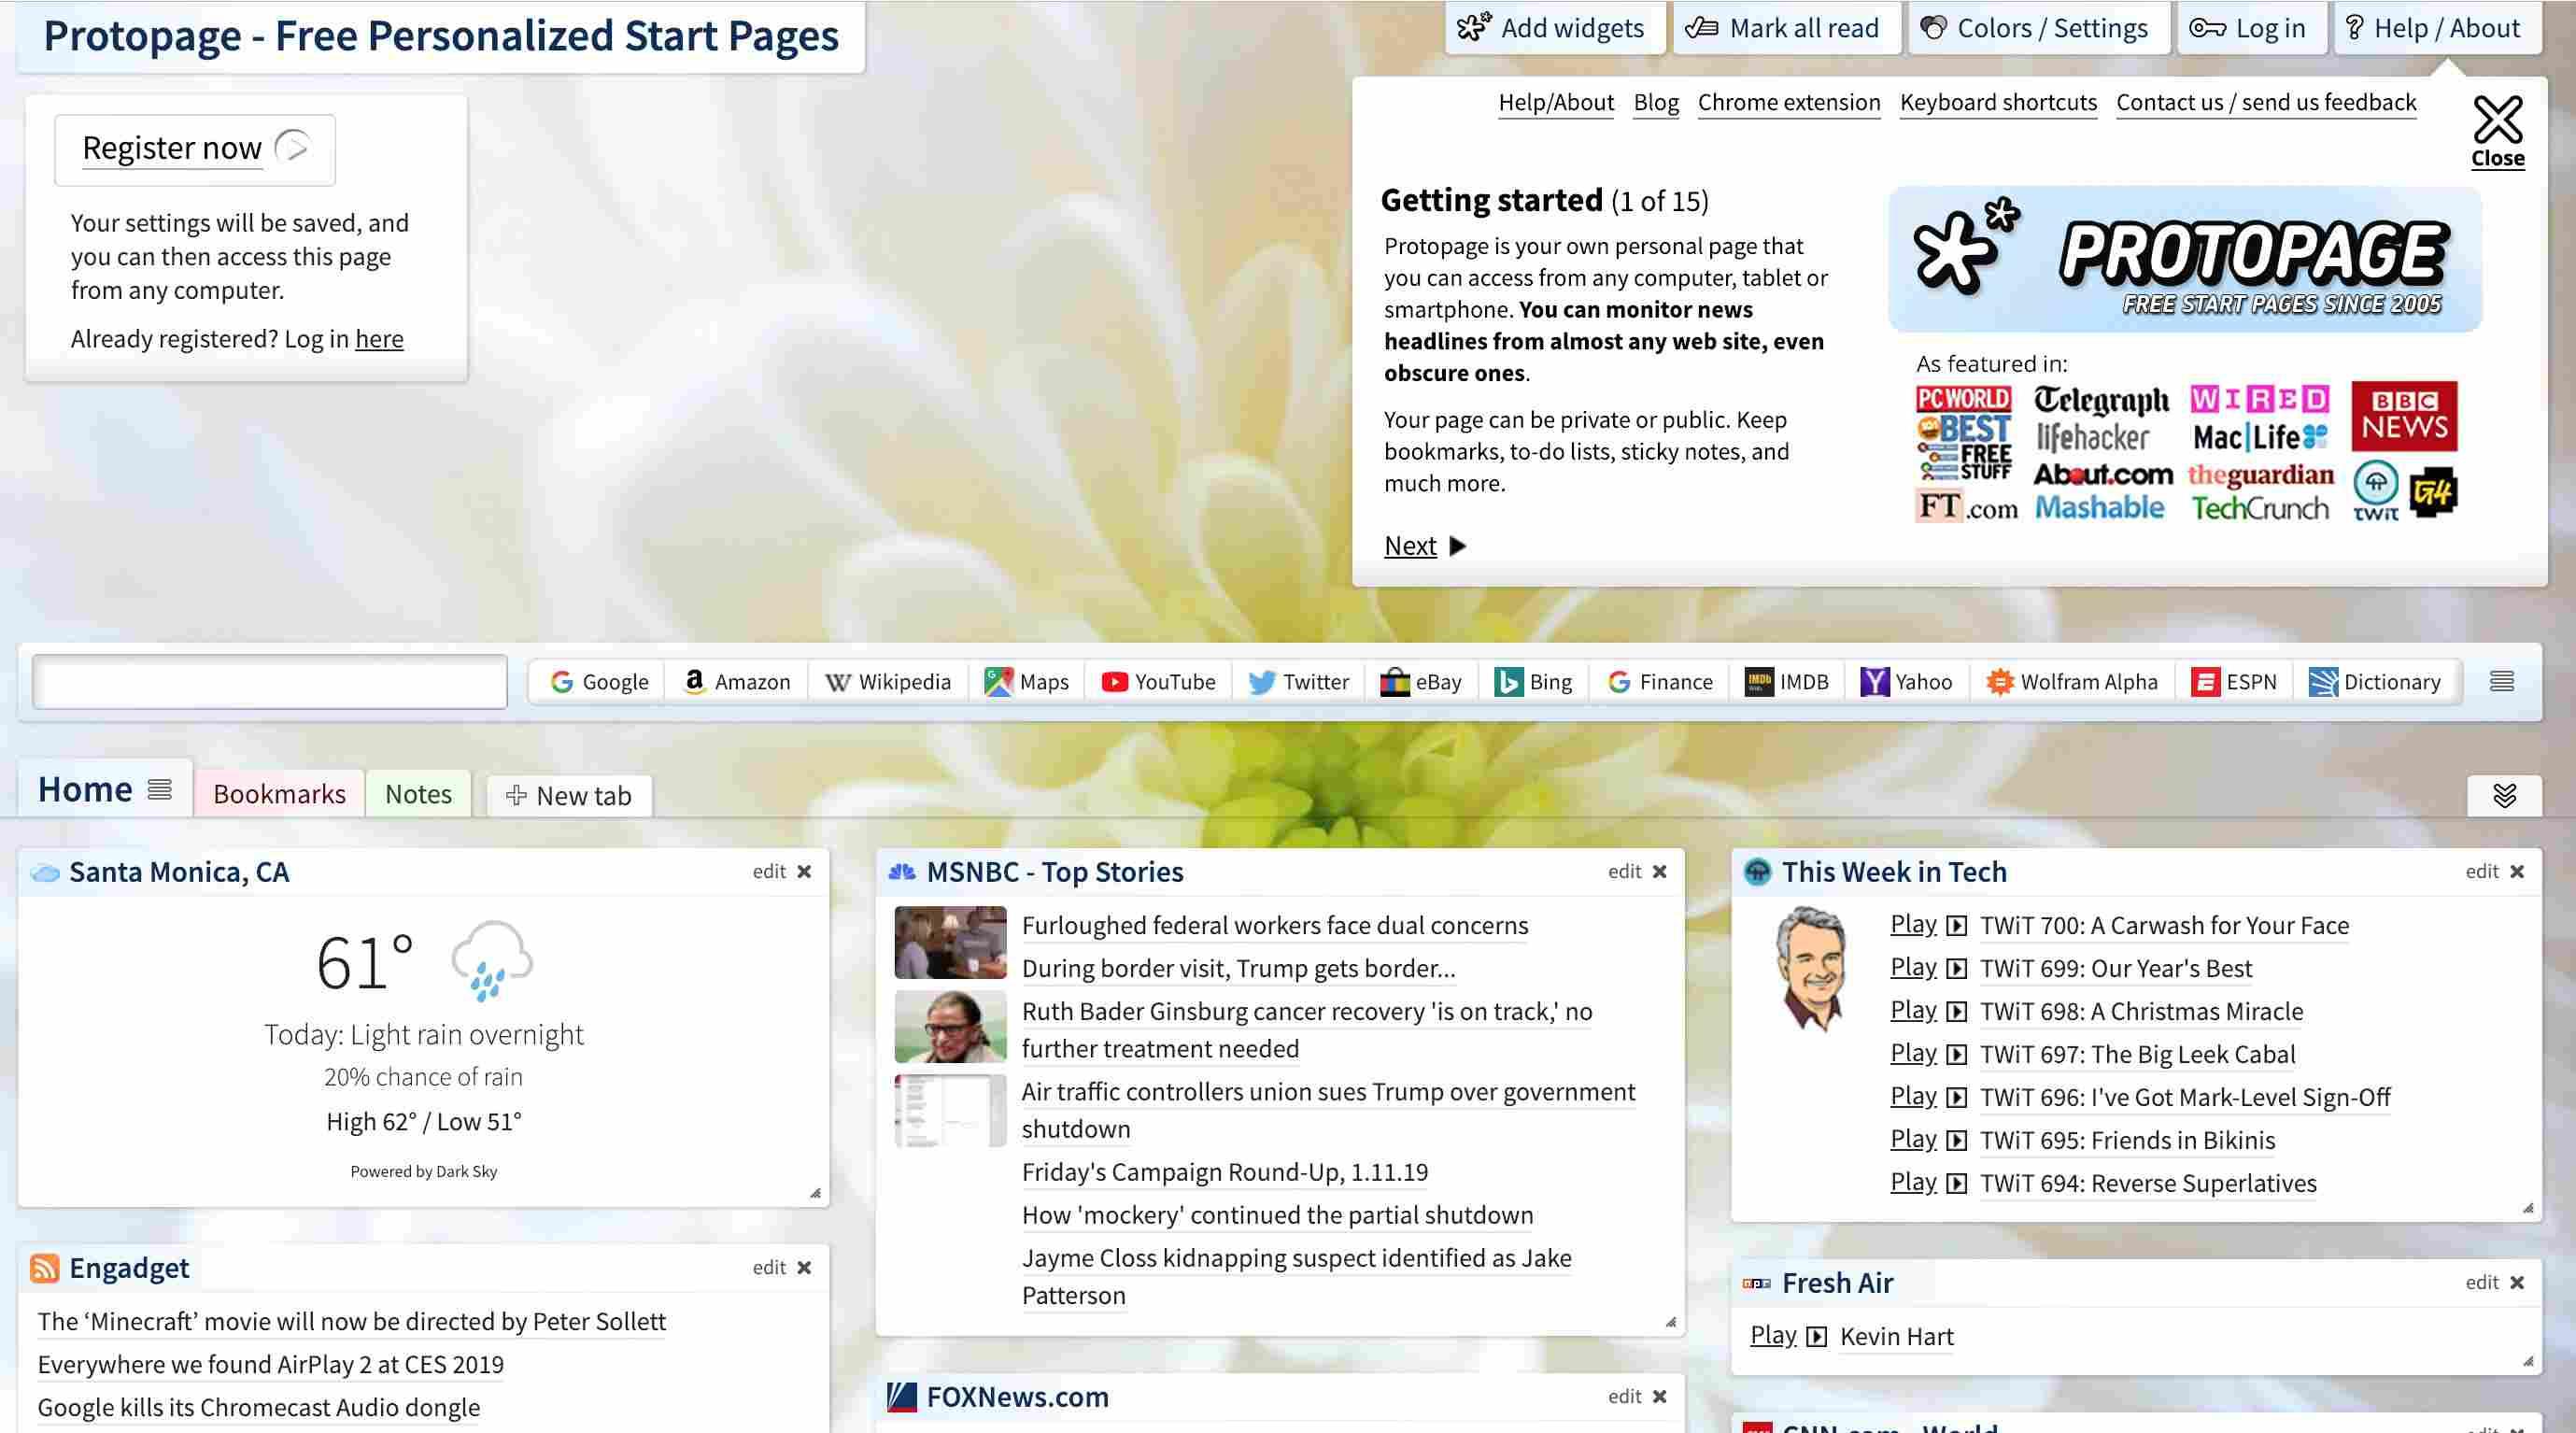 Protopage website